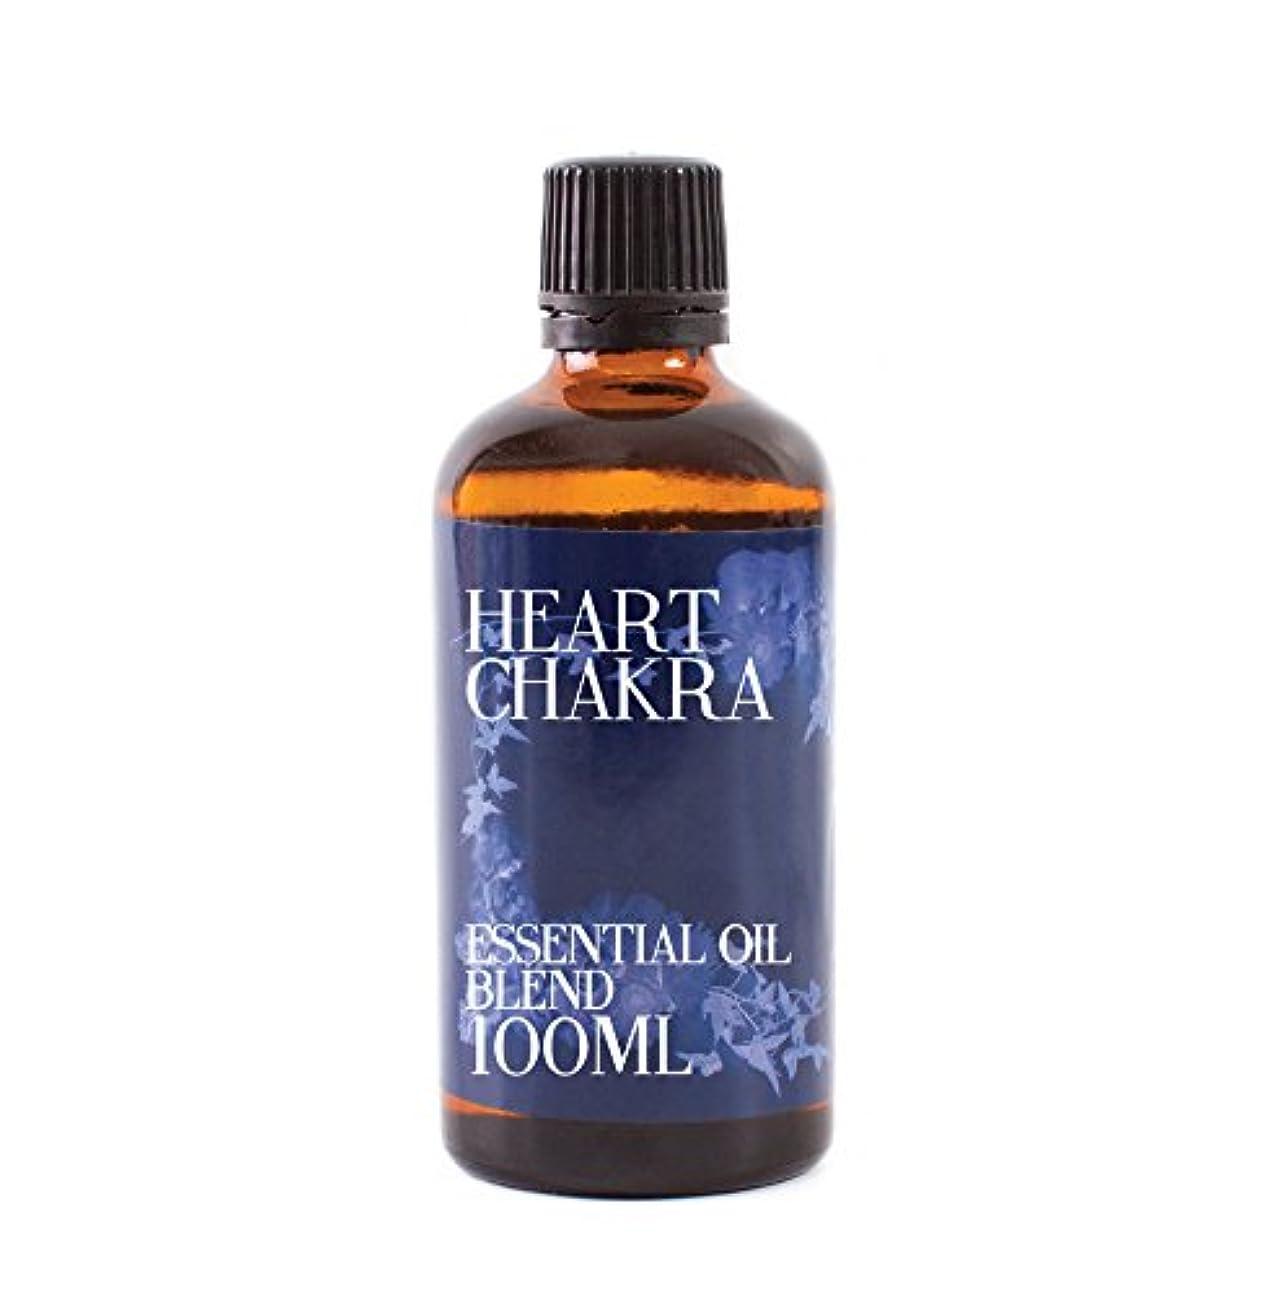 ゆり状残るMystic Moments | Heart Chakra | Essential Oil Blend - 100ml